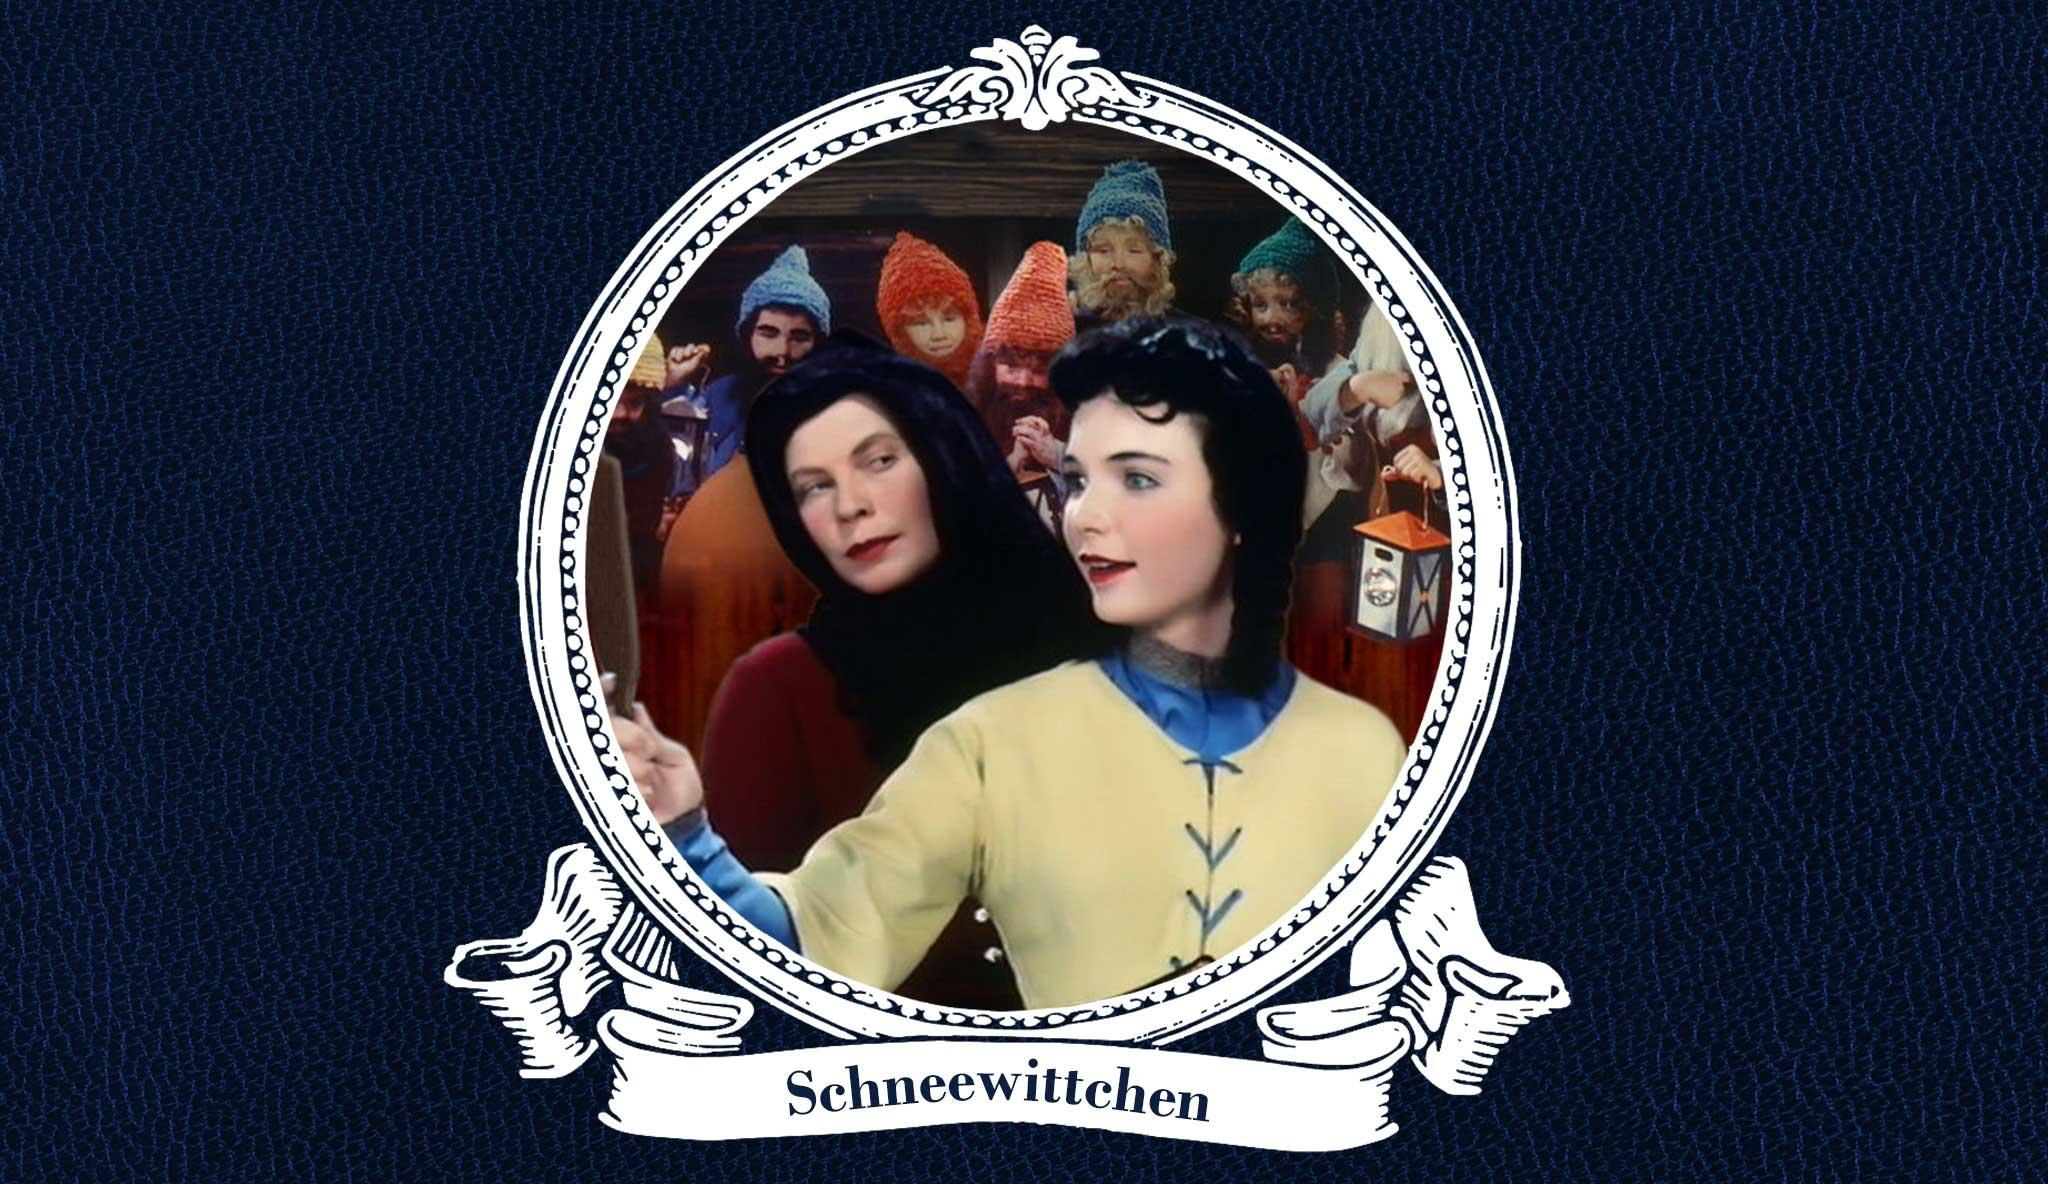 schneewittchen-und-die-7-zwerge\header.jpg